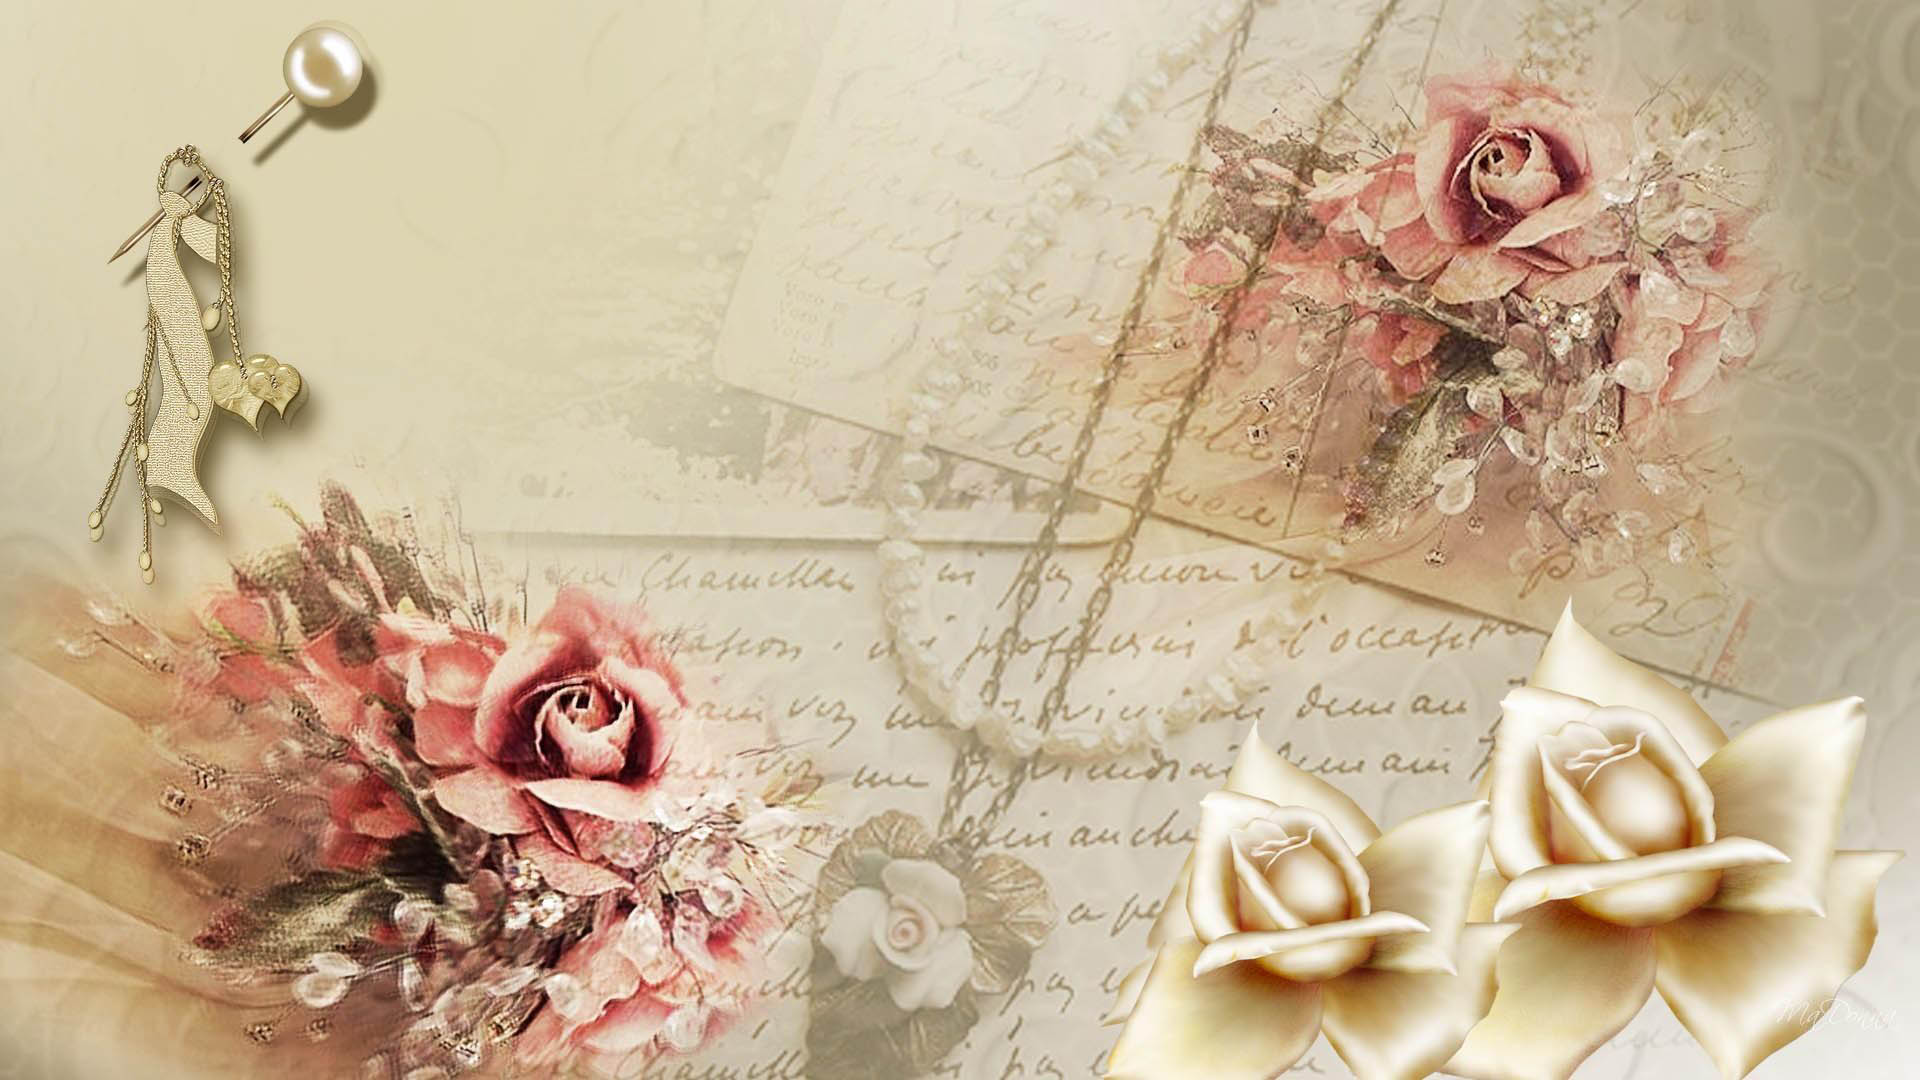 Фоны для открытки: картинки и фото фон для открытки 43